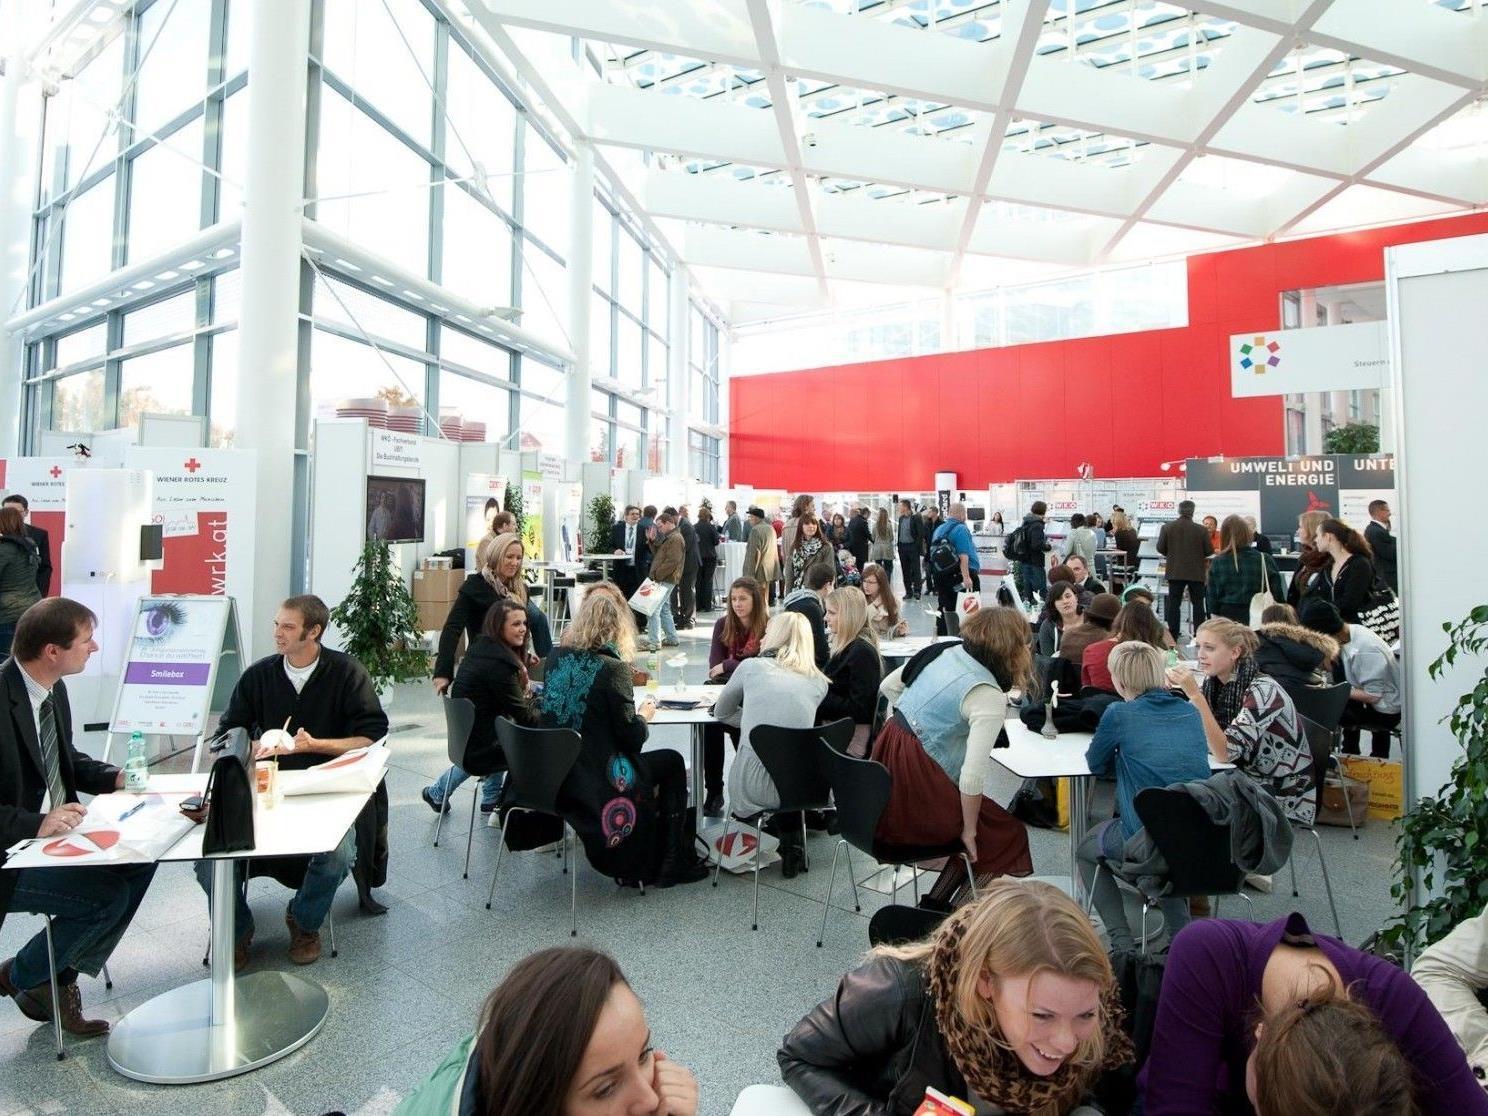 Am 16. Oktober findet der 22. Jungunternehmertag in Wien statt.